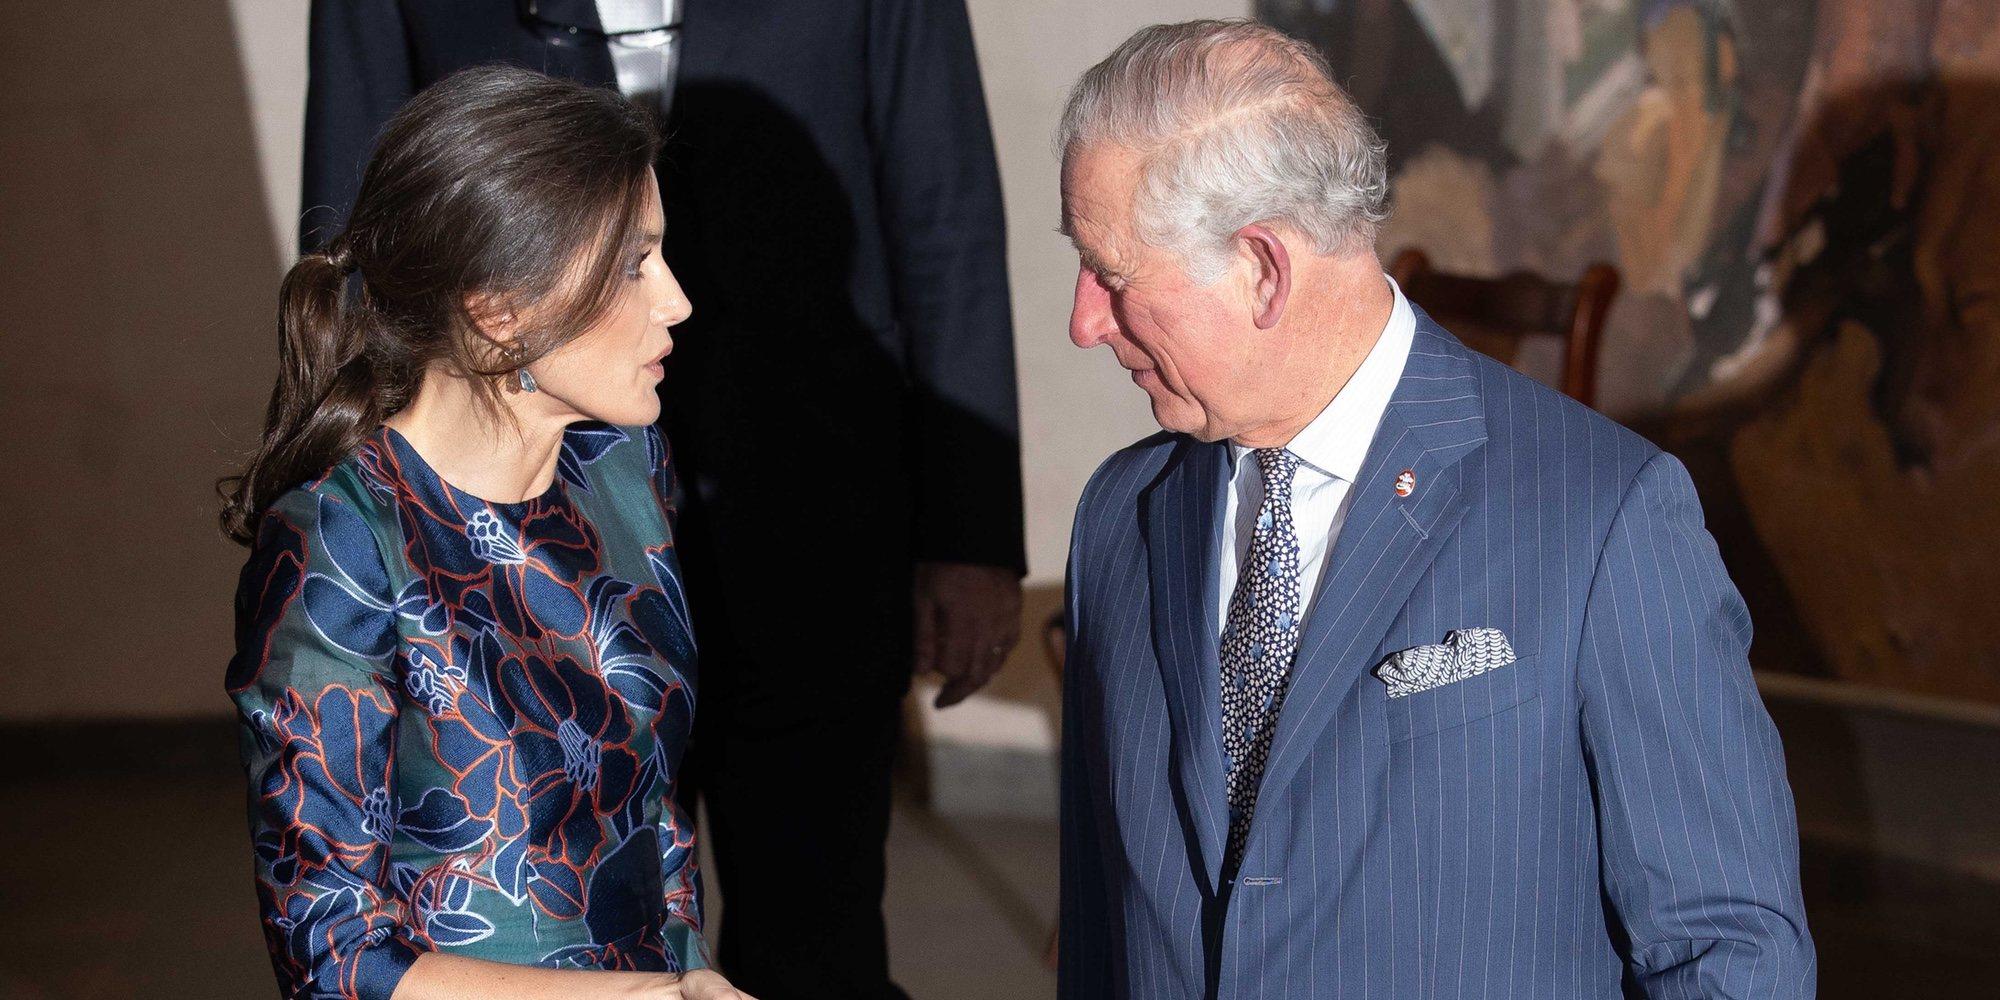 Los motivos por los que la Reina Letizia impresionó en la inauguración de la exposición de Sorolla en Londres